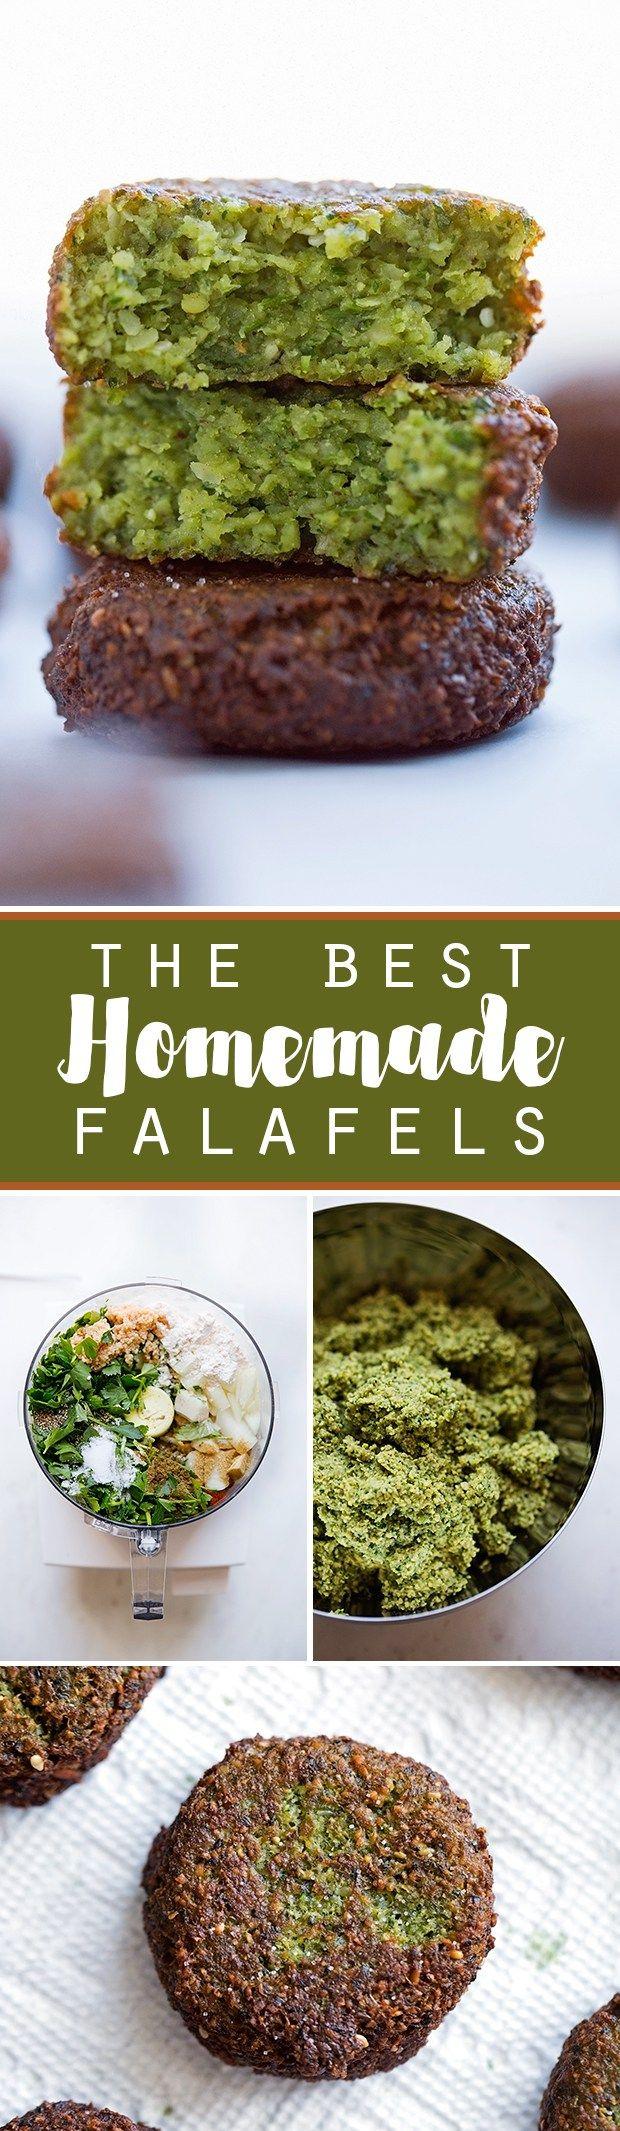 The Best Homemade Falafels - 10/10 Deliz!! Servir con pita bread, hummus y ensalda griega